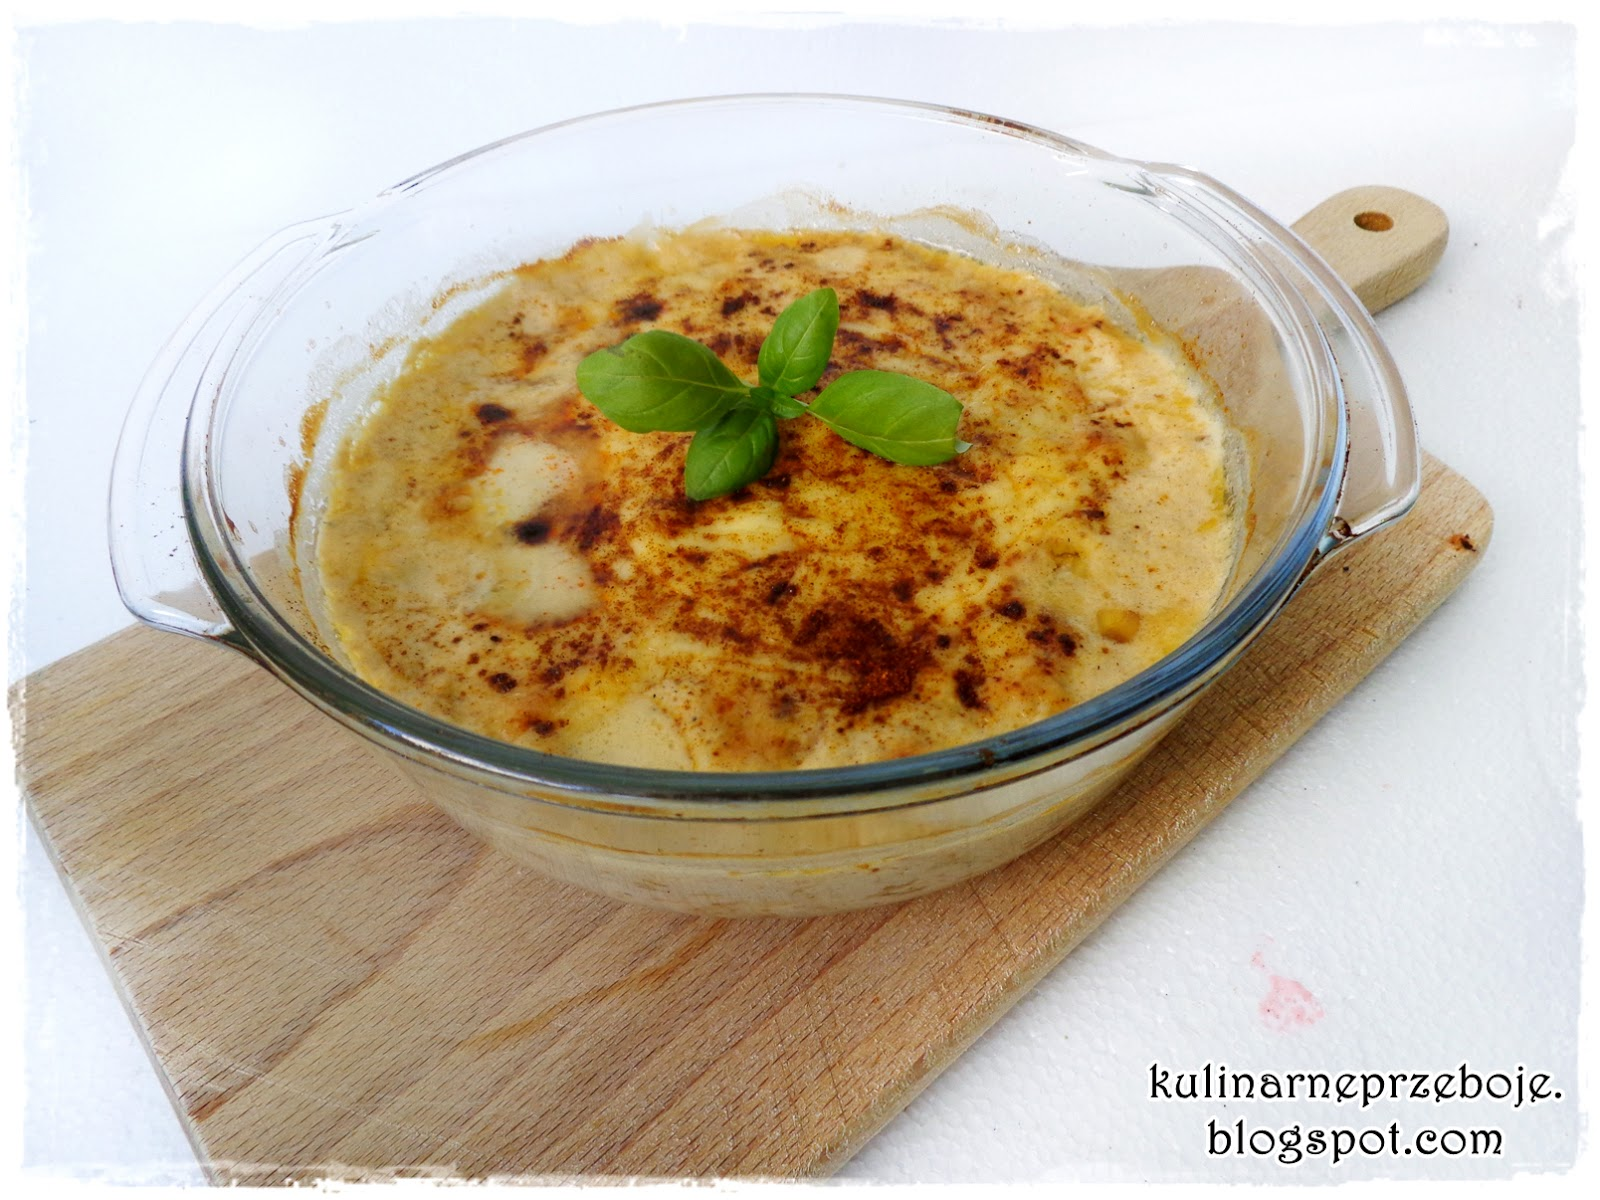 Szparagi zapiekane w sosie serowym